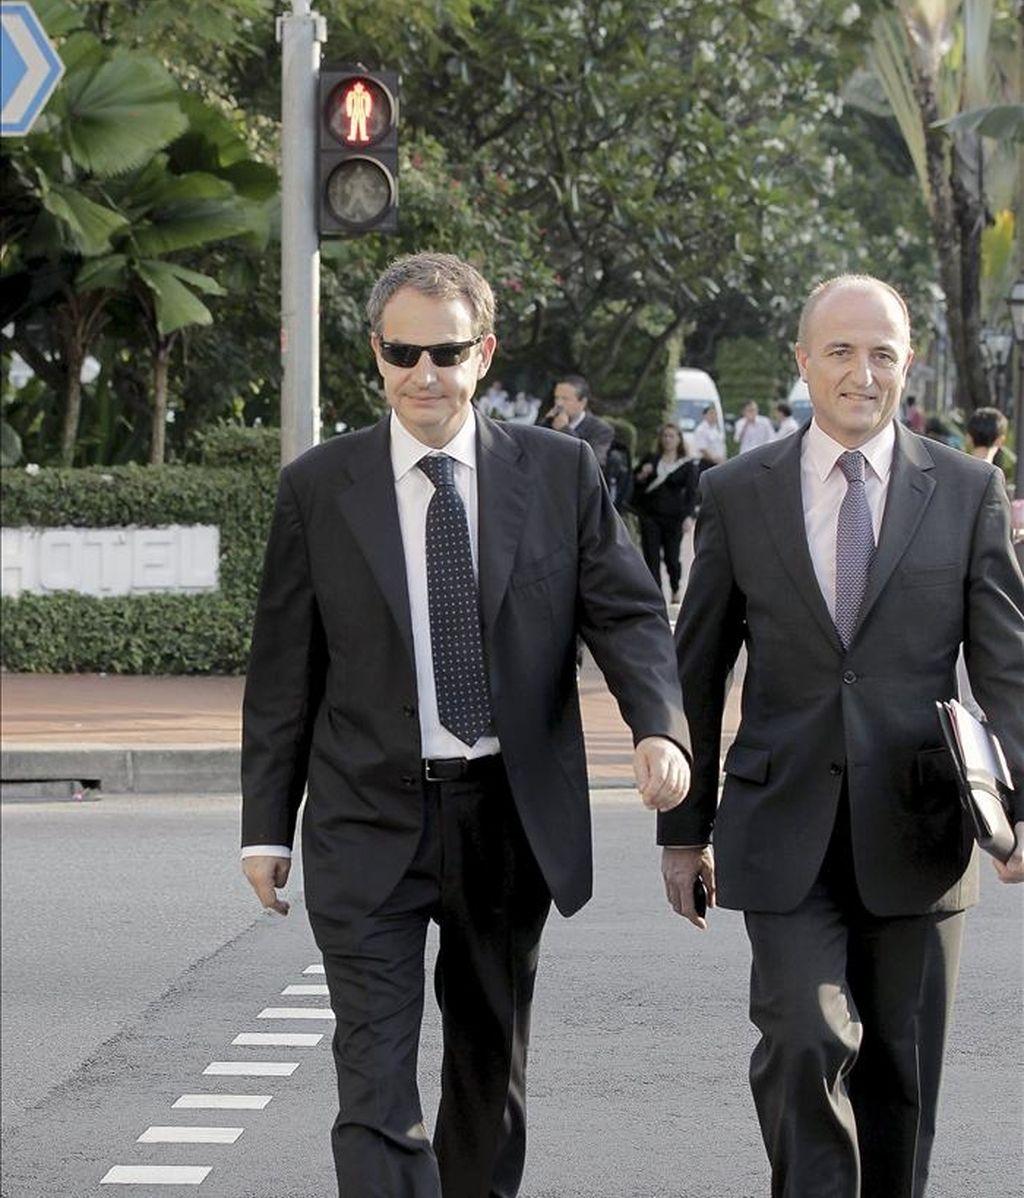 El presidente del Gobierno, José Luis Rodríguez Zapatero (i), y el ministro de Industria, Miguel Sebastián, llegan a pie a un céntrico hotel de Singapur, en donde se reunieron con los principales bancos y fondos de inversión del país antes de viajar a la isla china de Hainan. EFE/Archivo